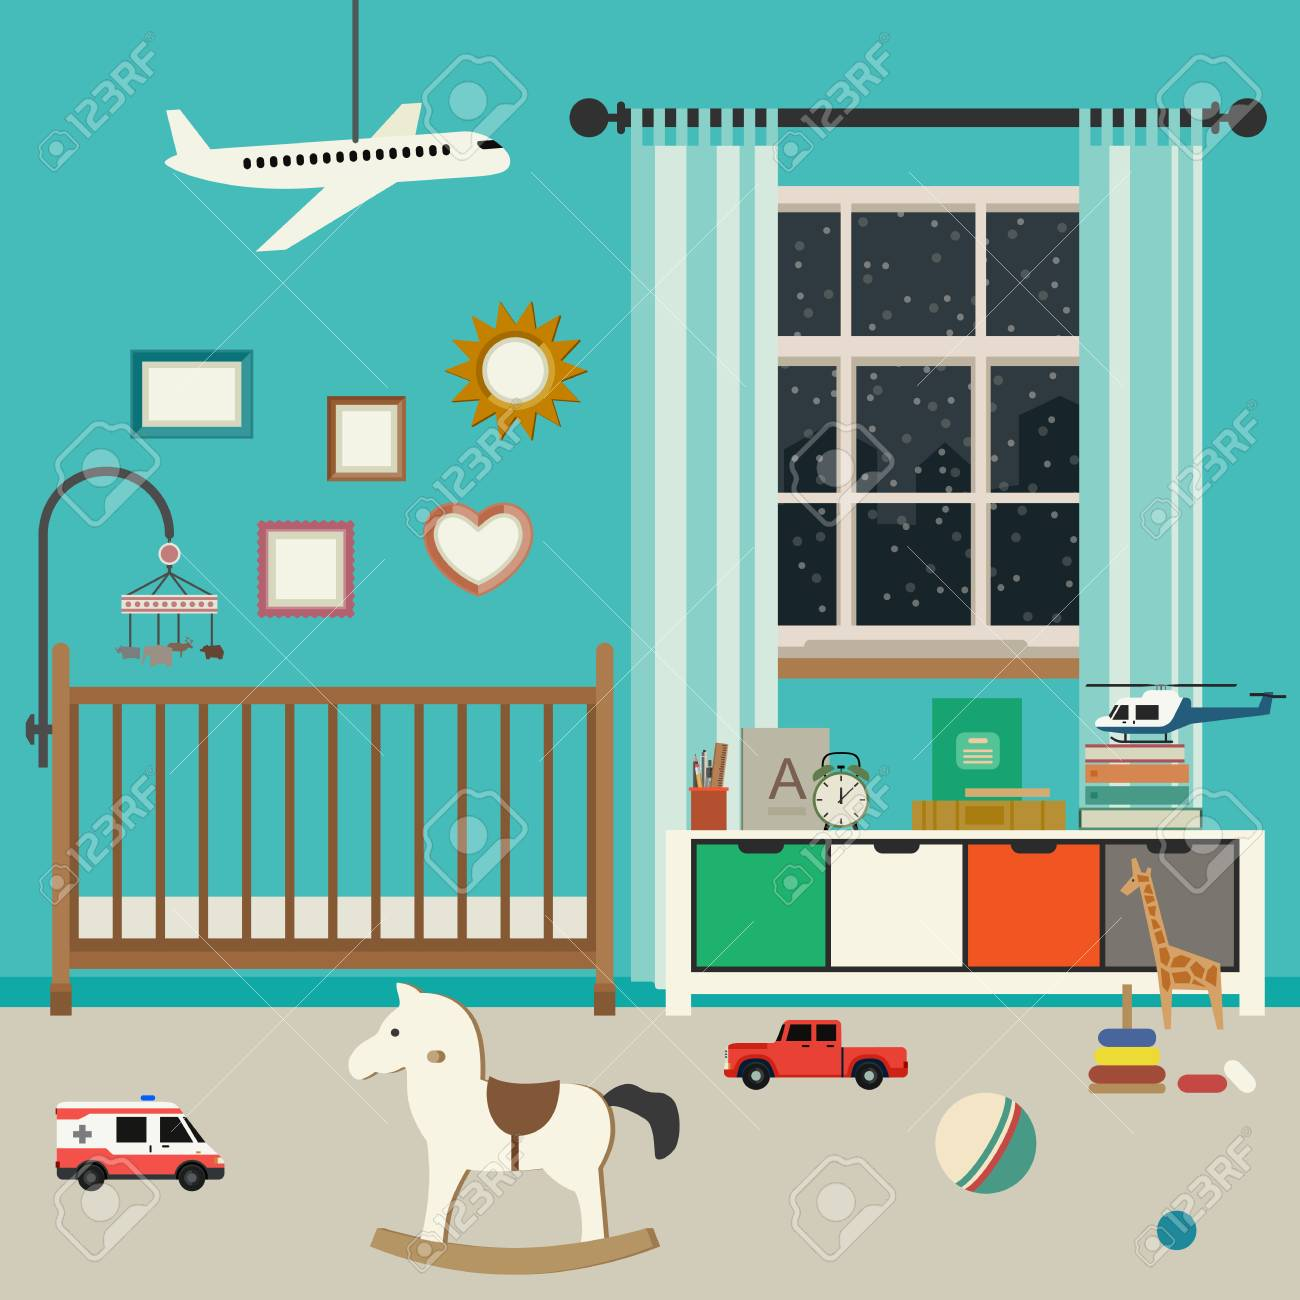 Habitación Del Bebé Interior Con Muebles Y Juguetes. Vector De La ...